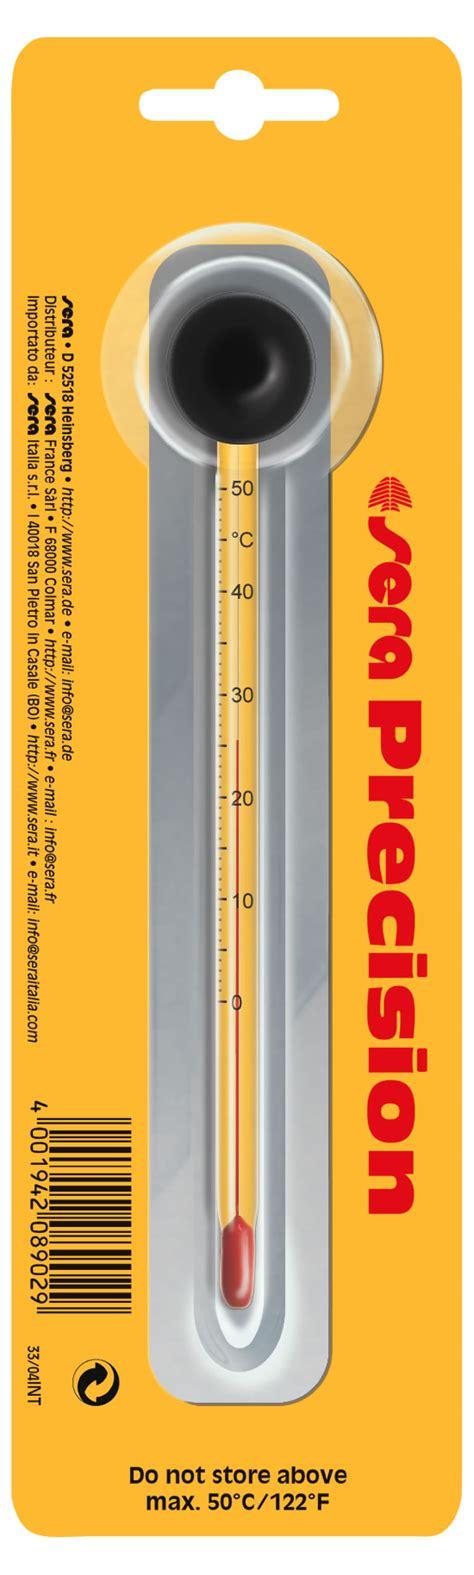 Termometer Analog thermometer analog preisvergleich